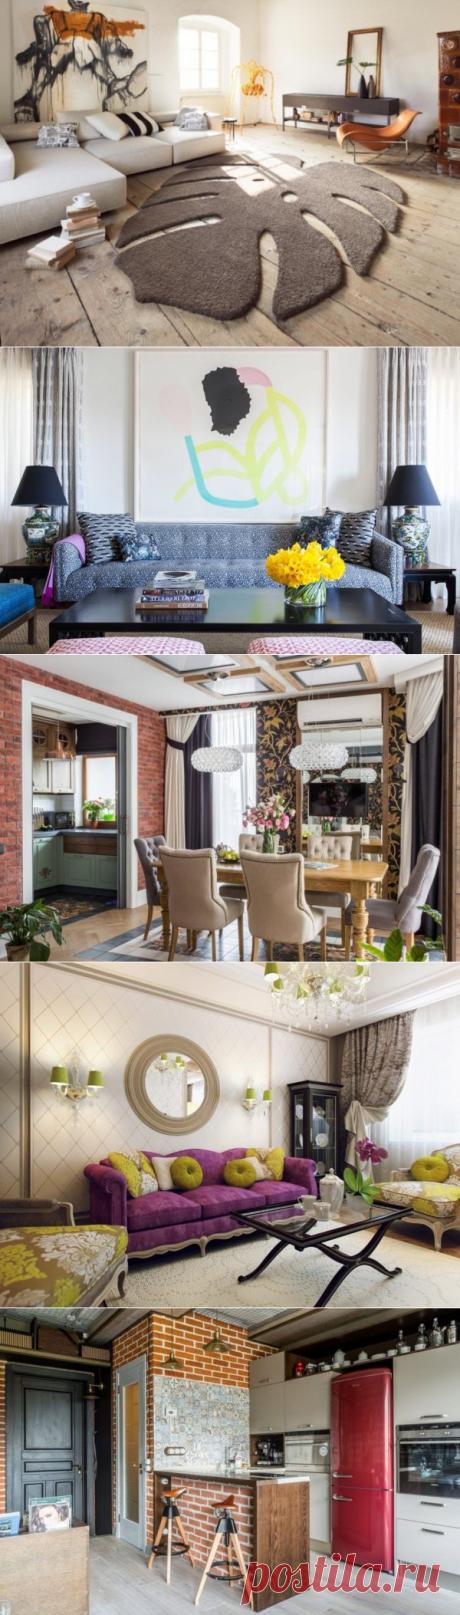 Декор для интерьера: идеальные способы сделать дом уютным и эстетичным